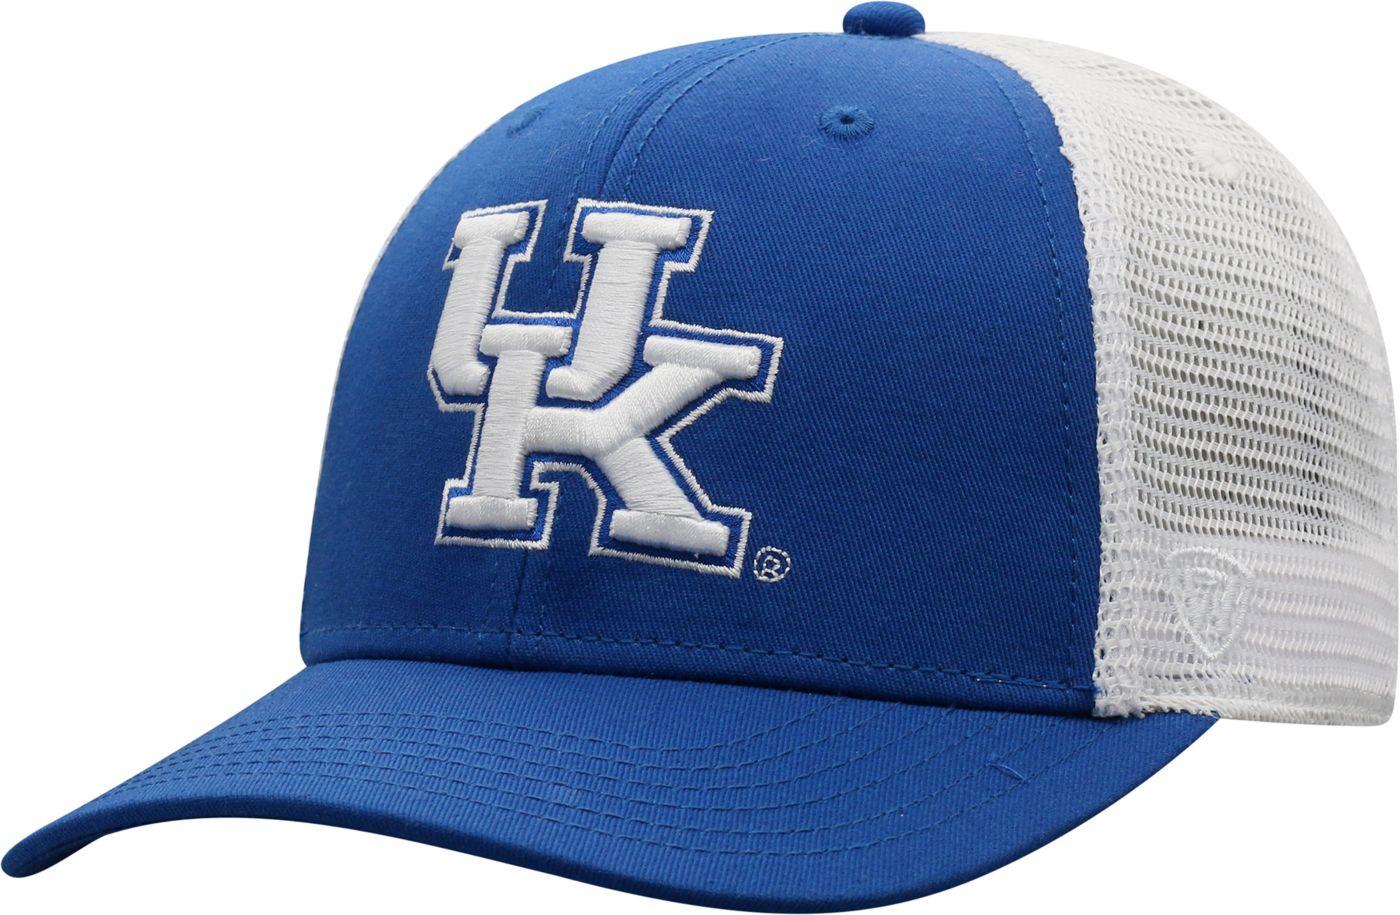 Top of the World Men's Kentucky Wildcats Blue/White Trucker Adjustable Hat